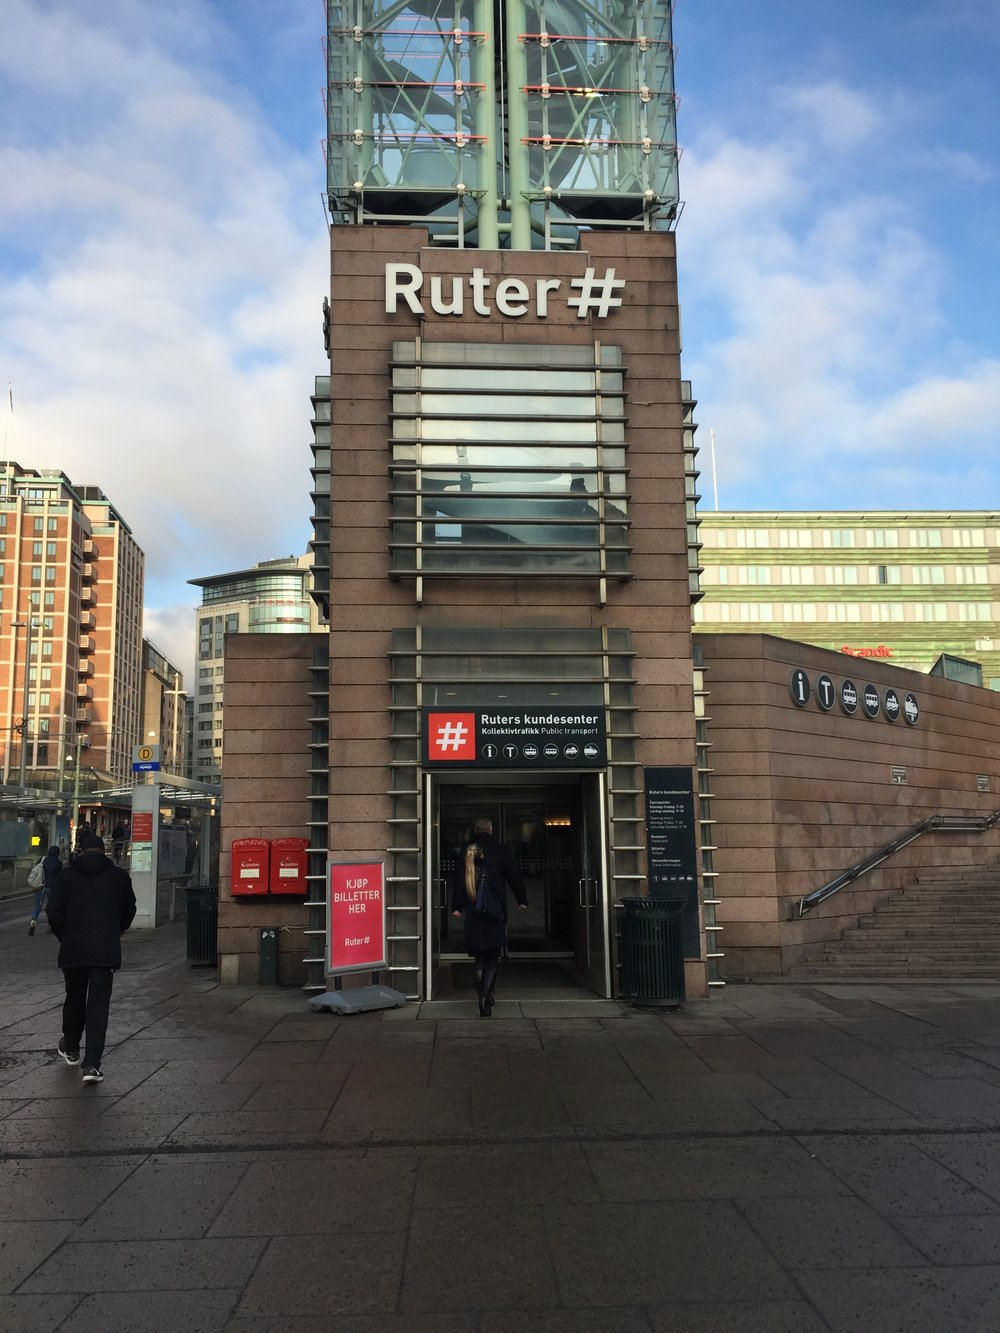 Ruter customer service center at Jernbanetorget.